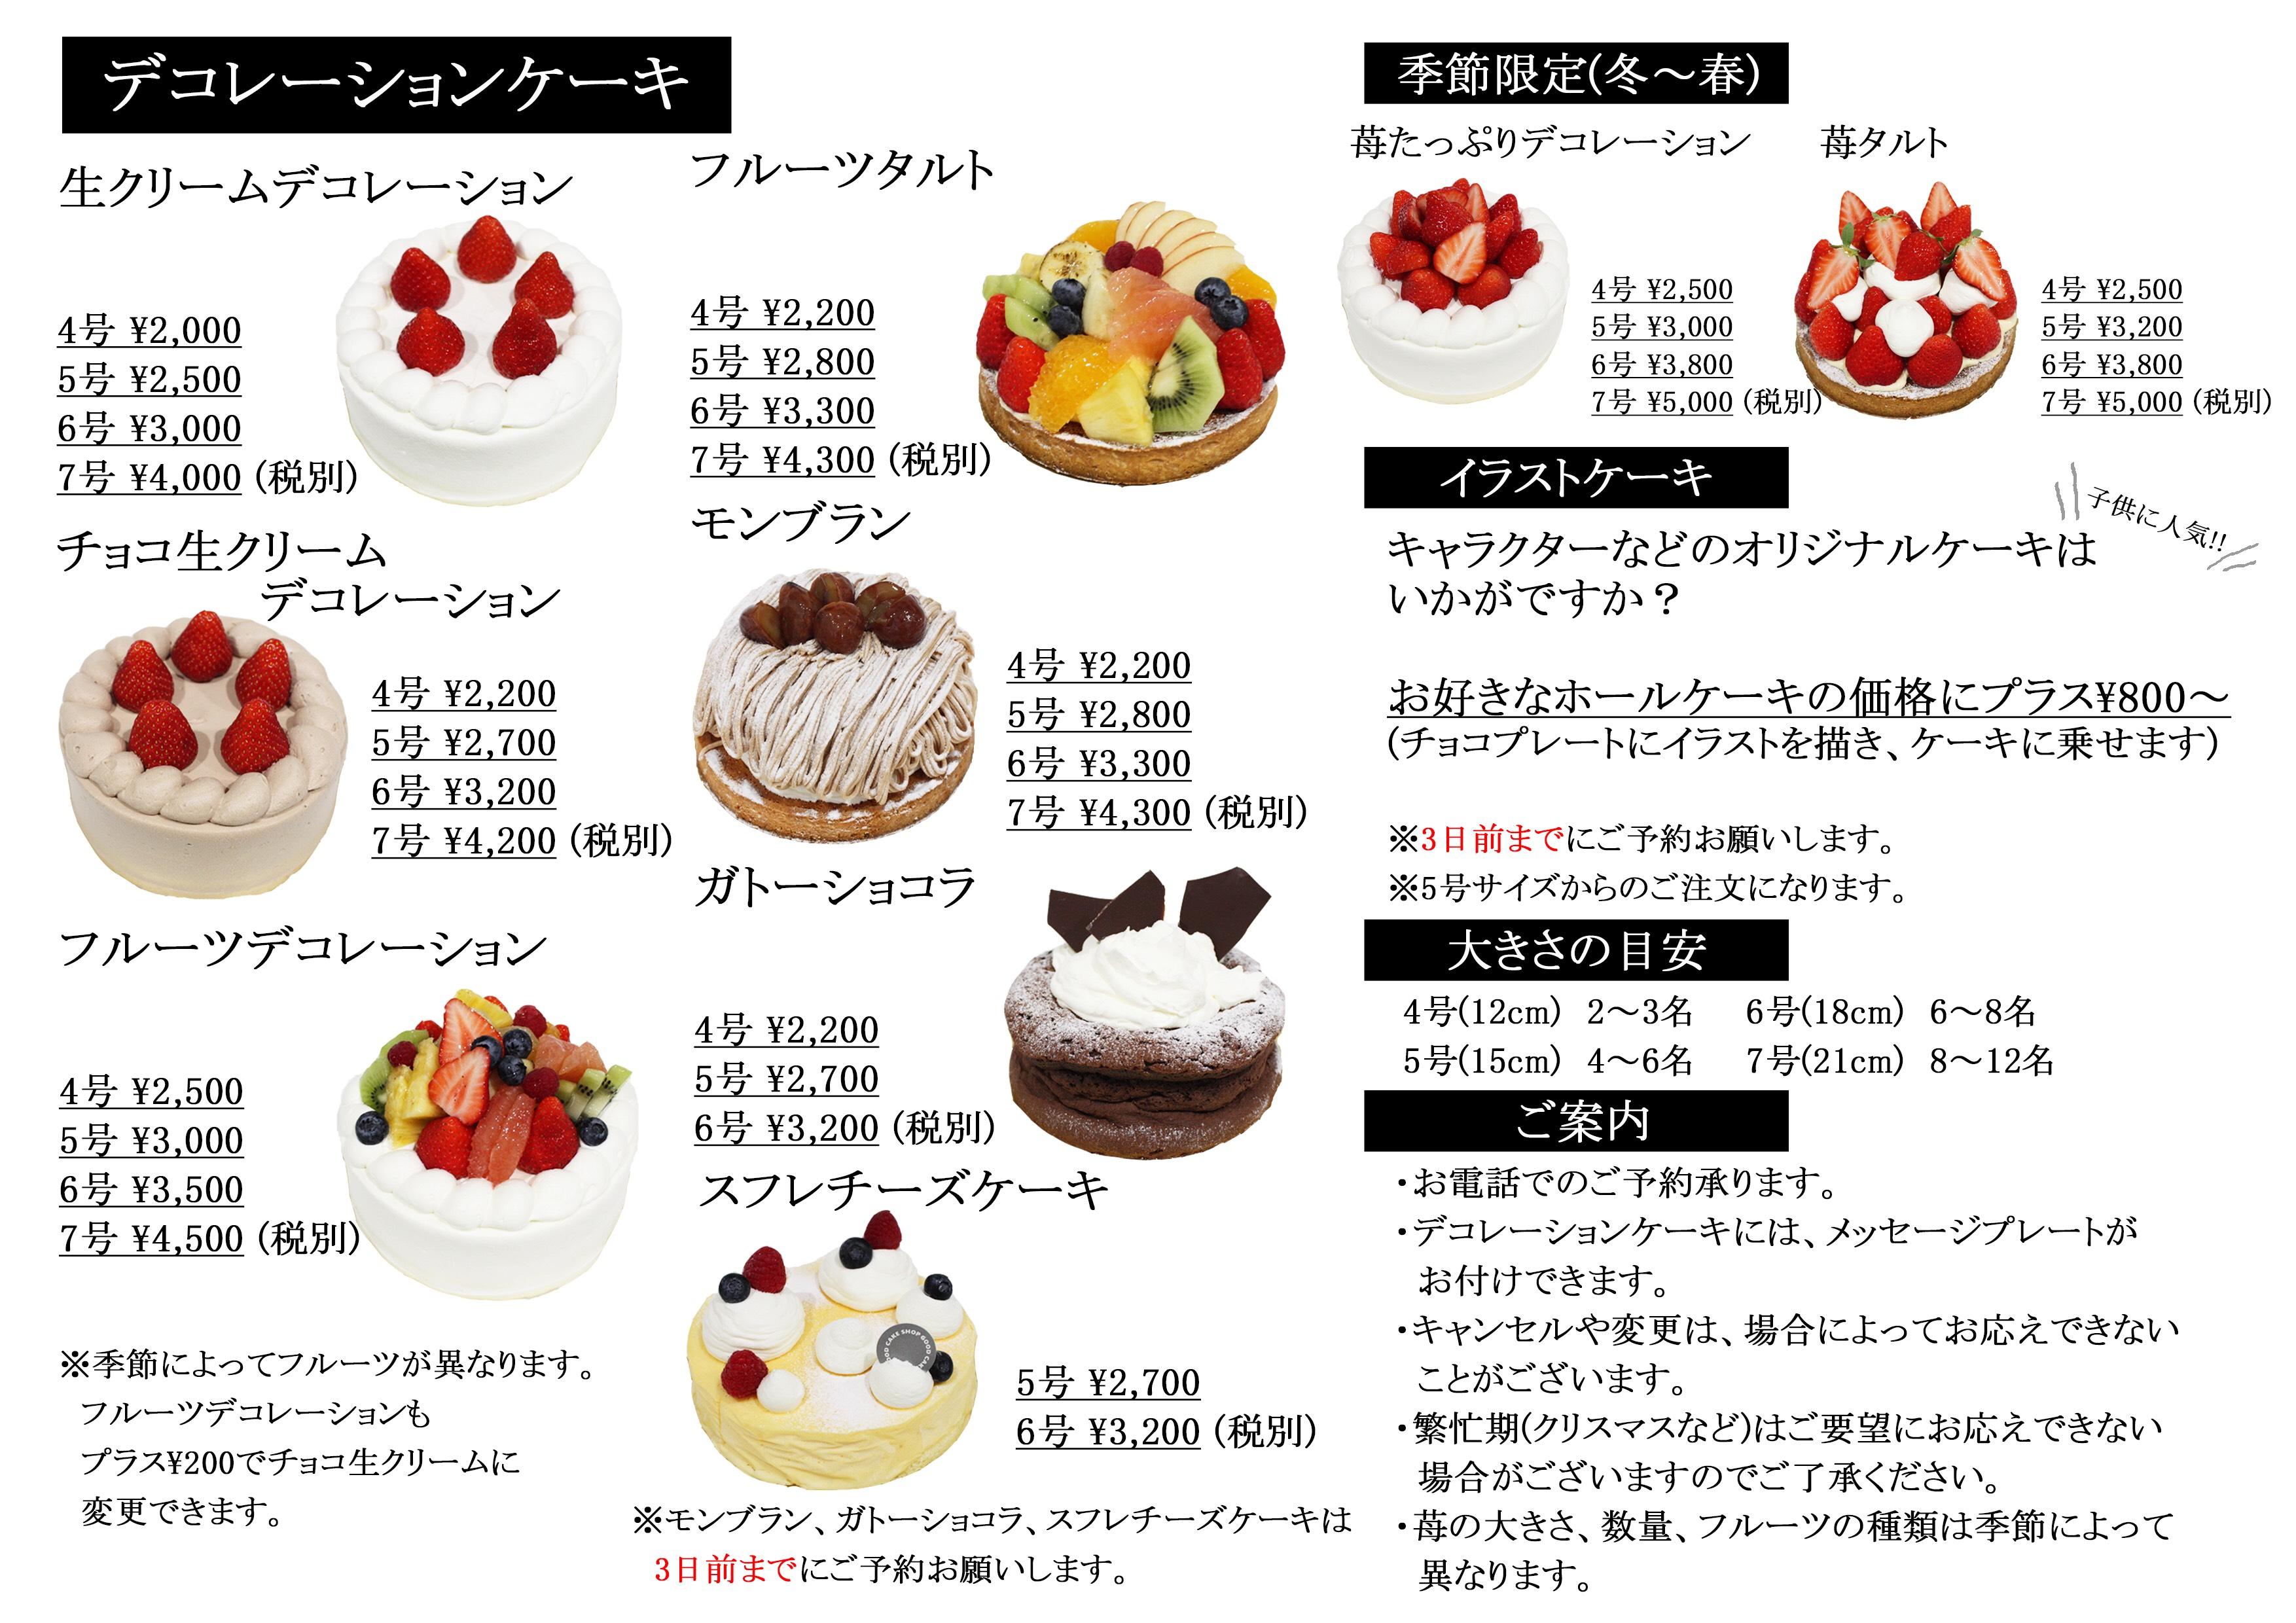 碧南 ケーキ 屋